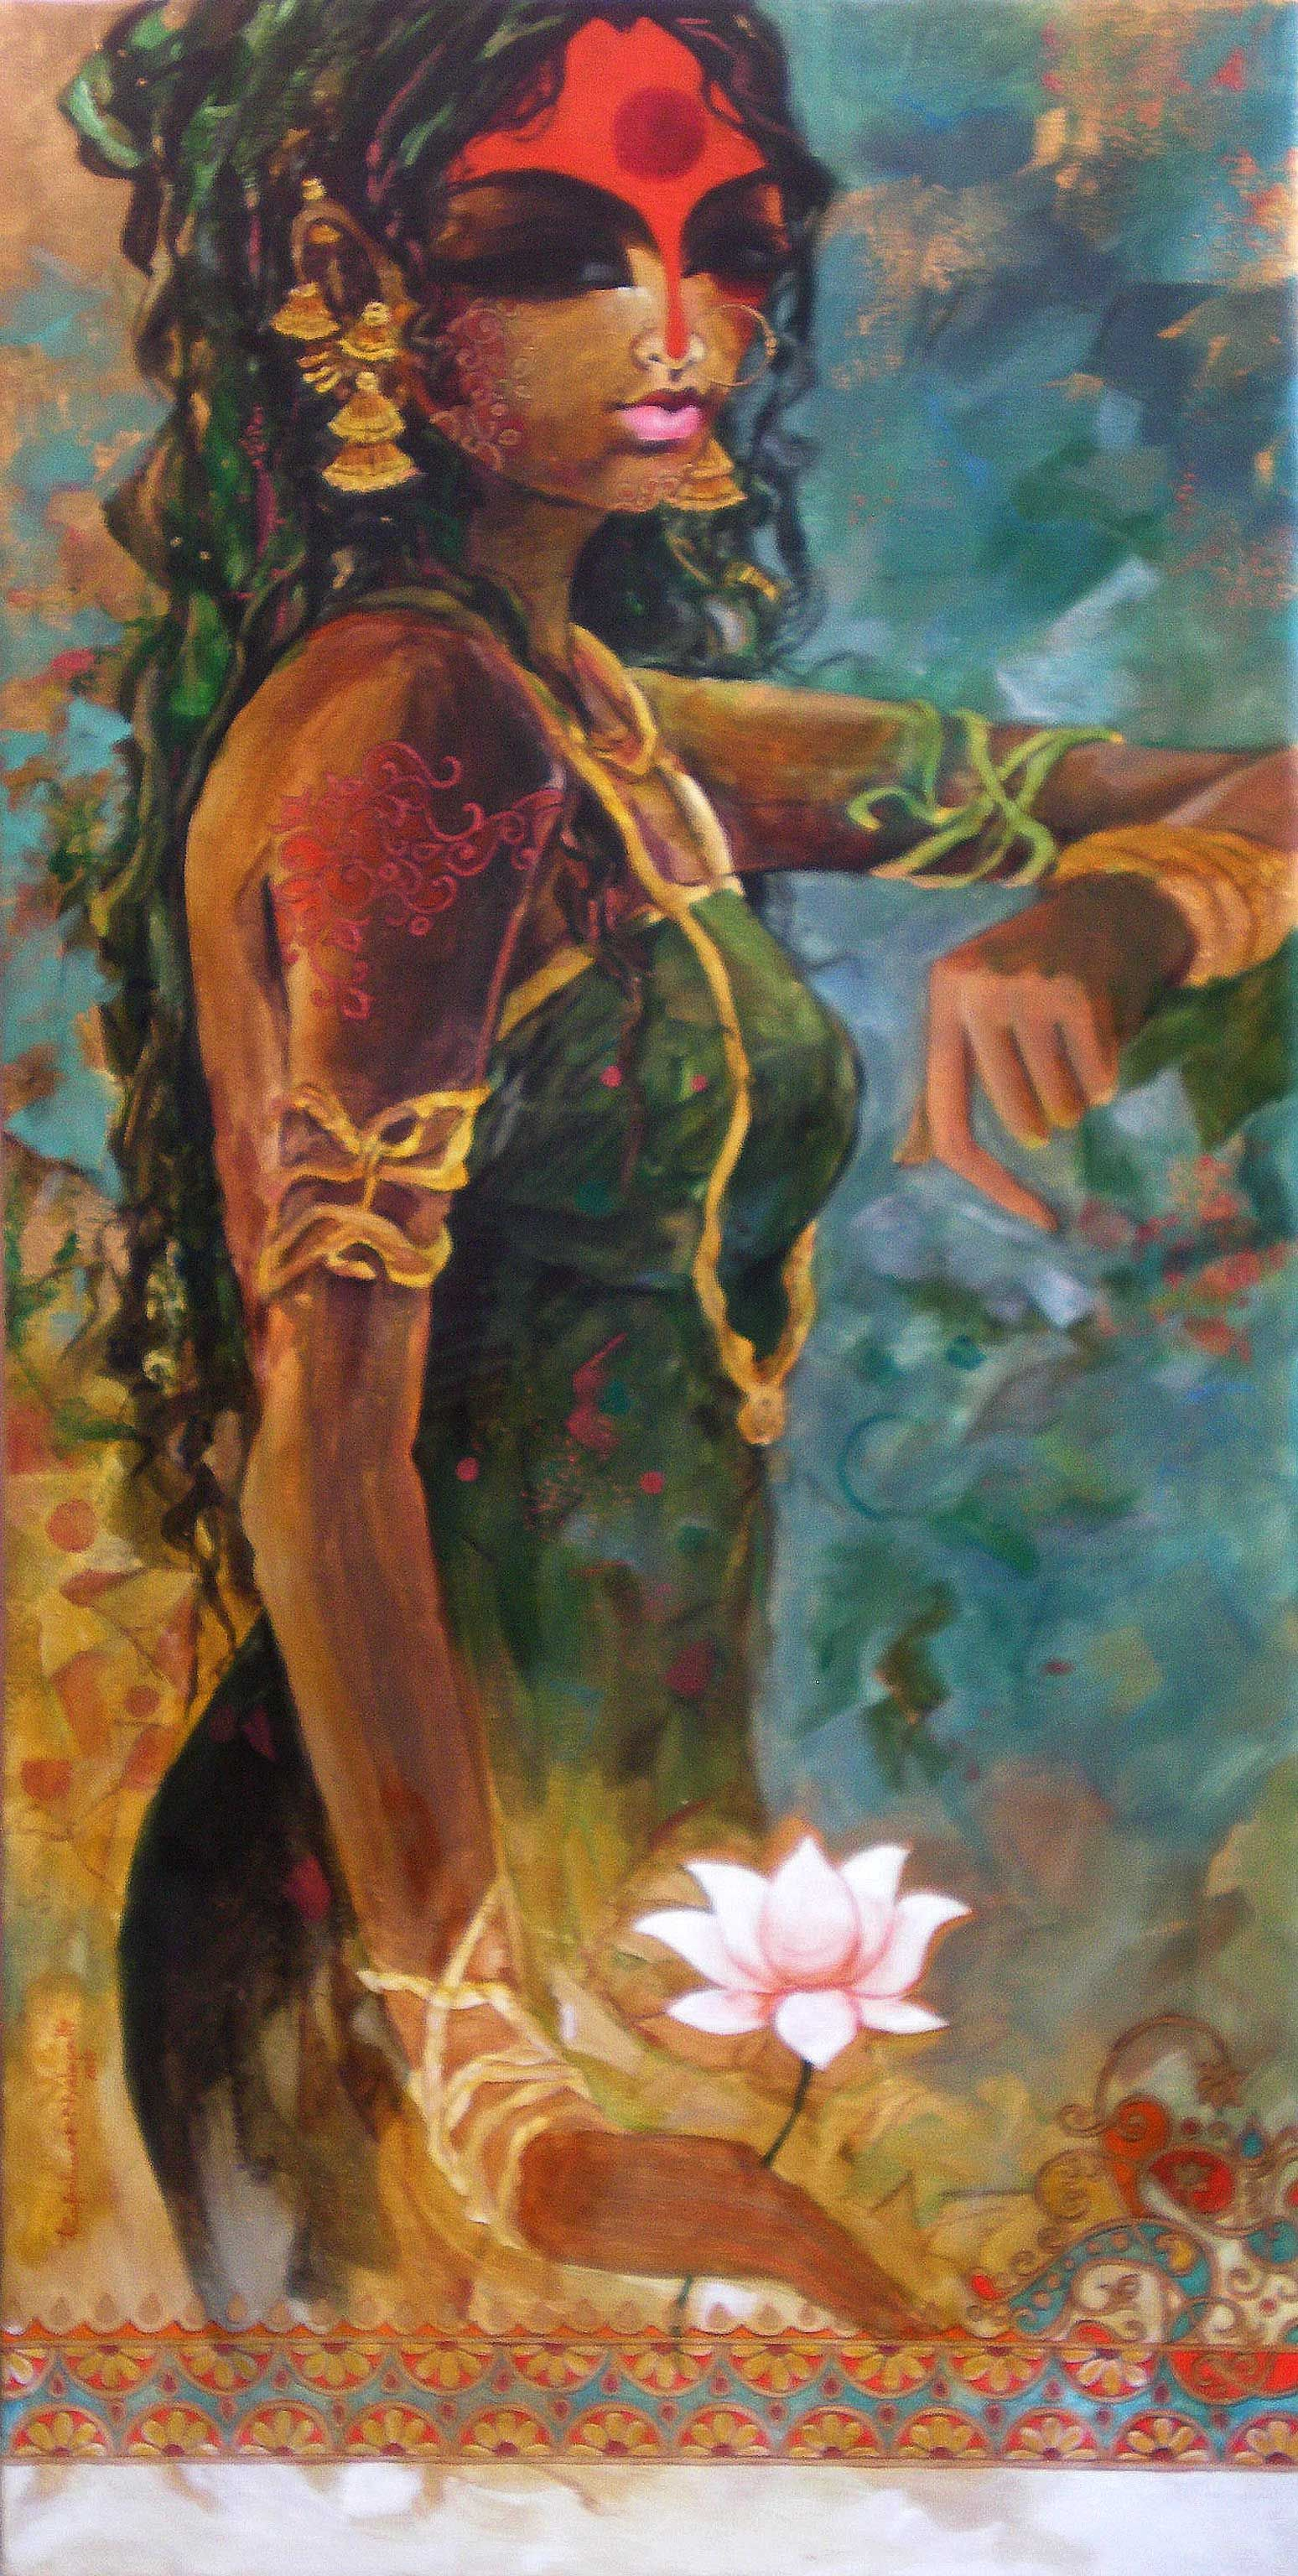 Rajeshwar Nyalapalli 'Waiting' Indian artist, Indian